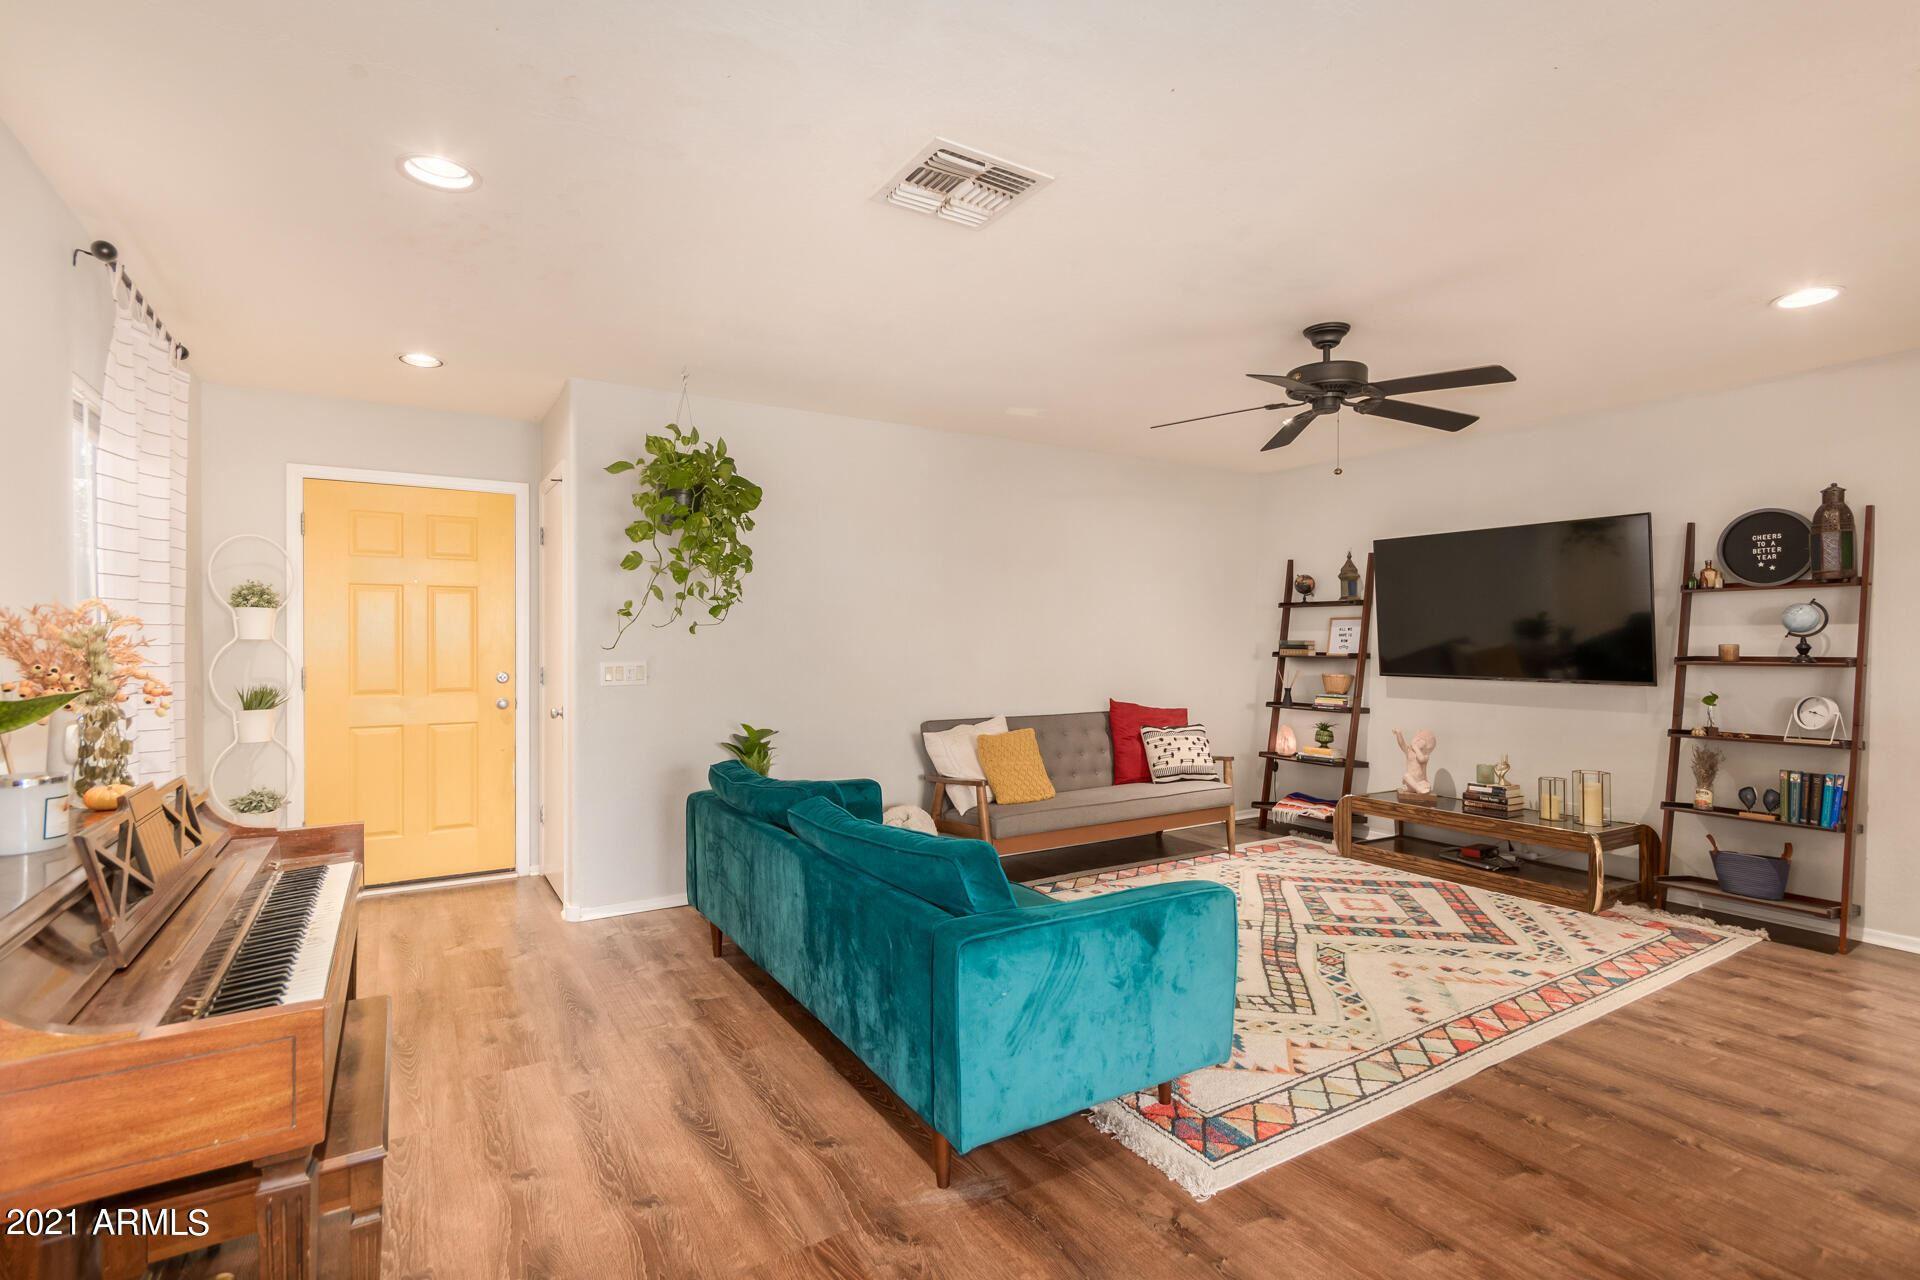 Photo of 11562 W PALO VERDE Avenue, Youngtown, AZ 85363 (MLS # 6297665)